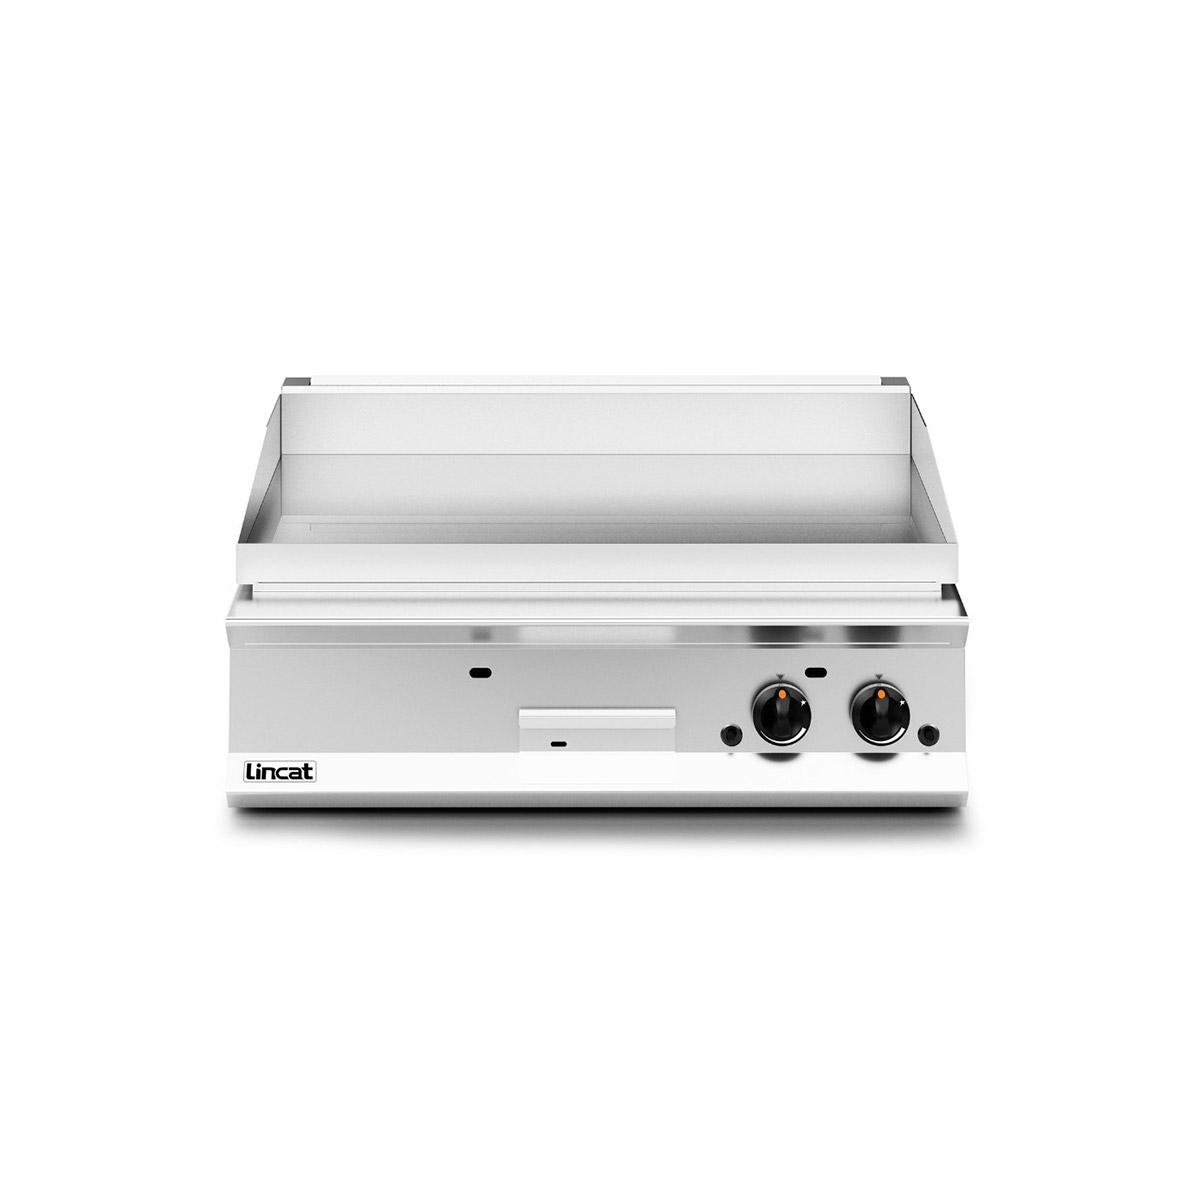 Lincat Opus 800 Chrome Plate Gas Griddle Model: OG8202/C/N (Natural Gas)